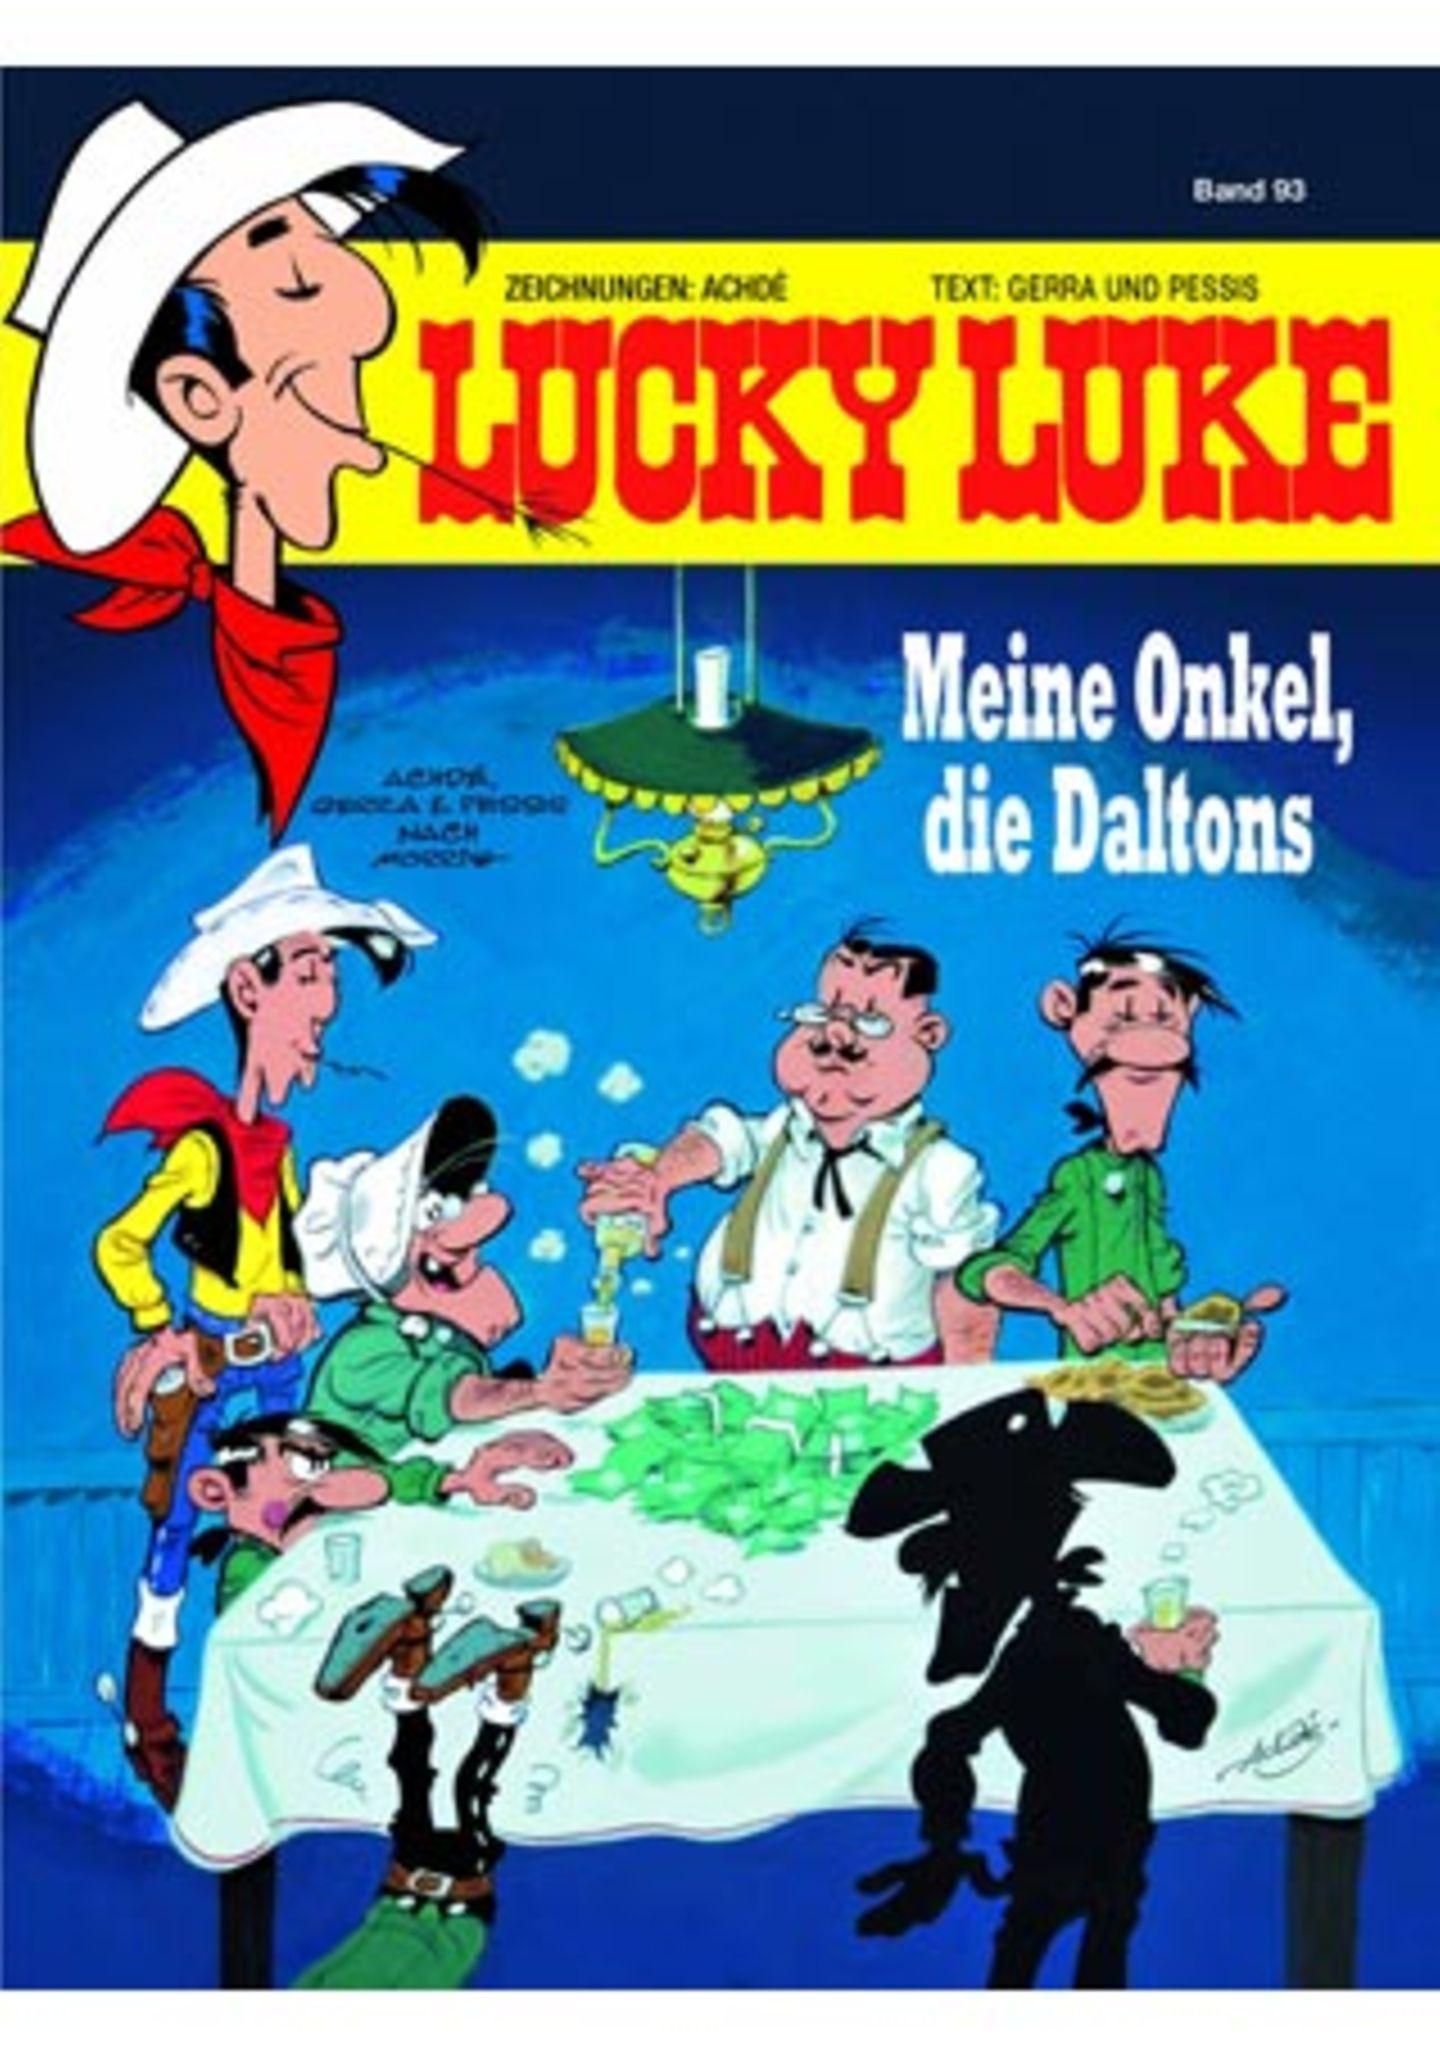 Daddylicious: Asterix, Lucky Luke und Co – wo sind bloß die Comics hin?